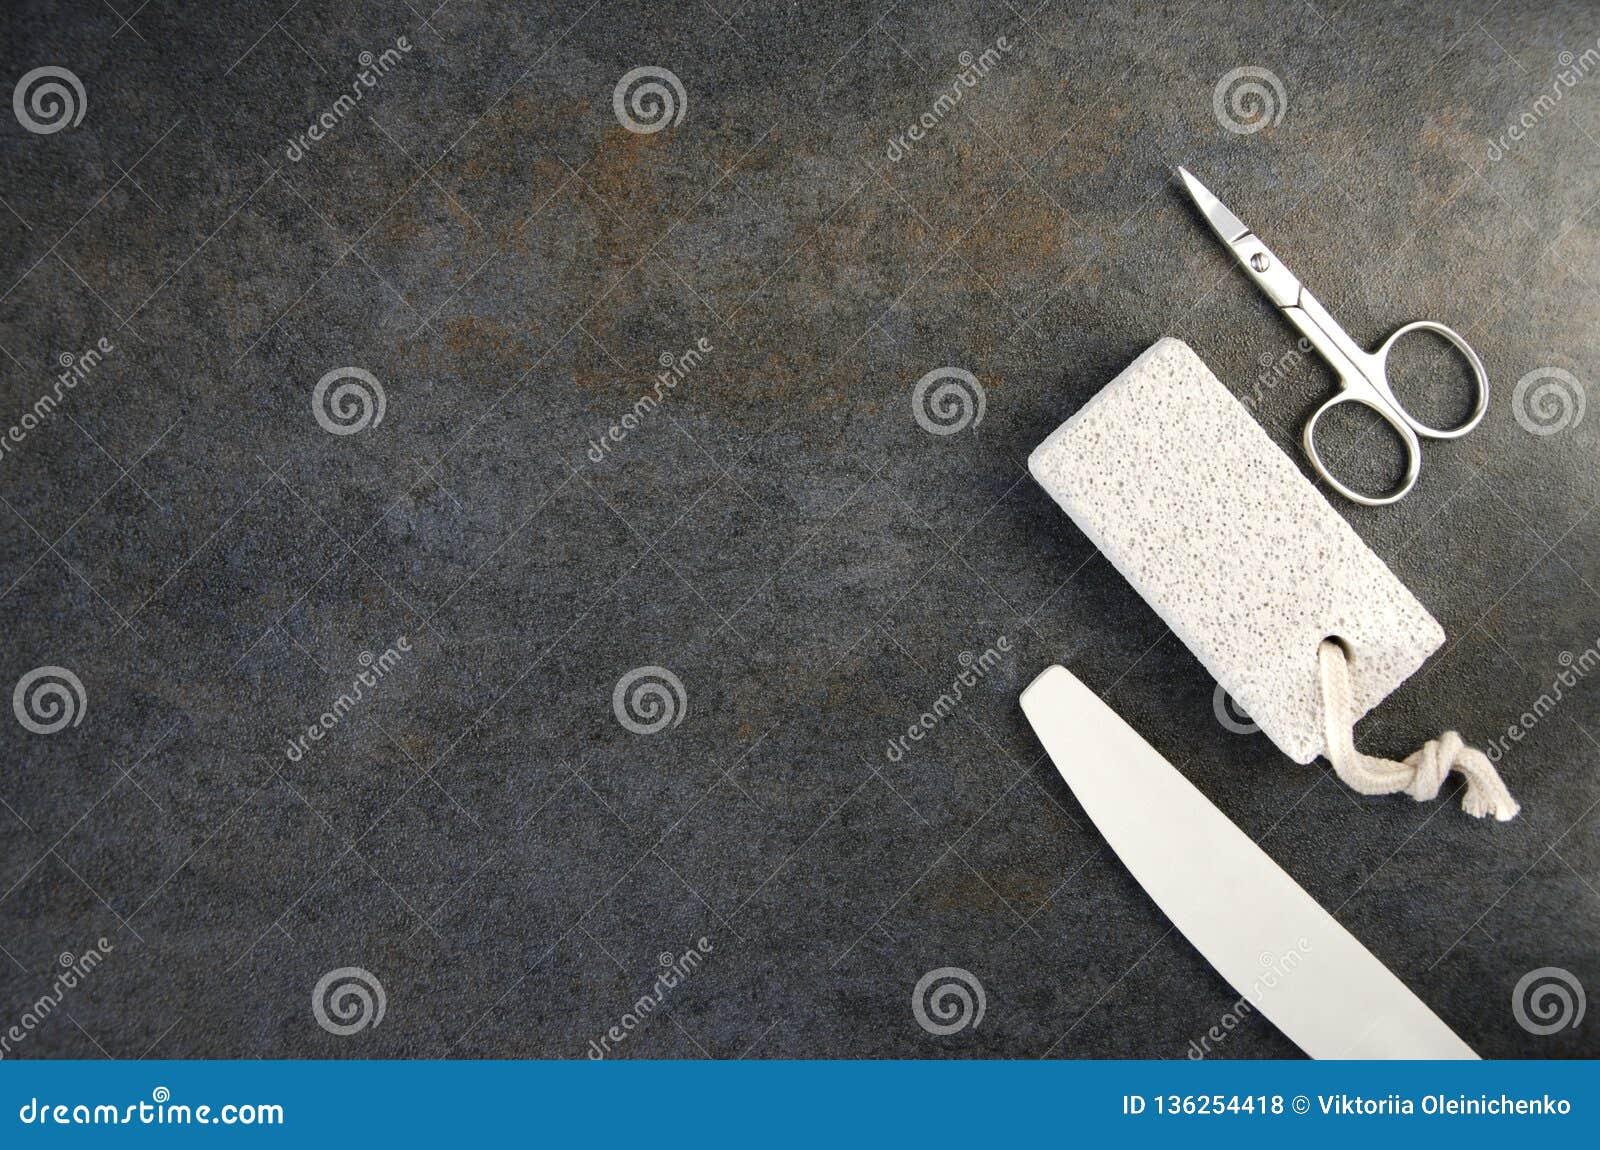 Vista superior de tijeras, del fichero de clavo y de la piedra pómez